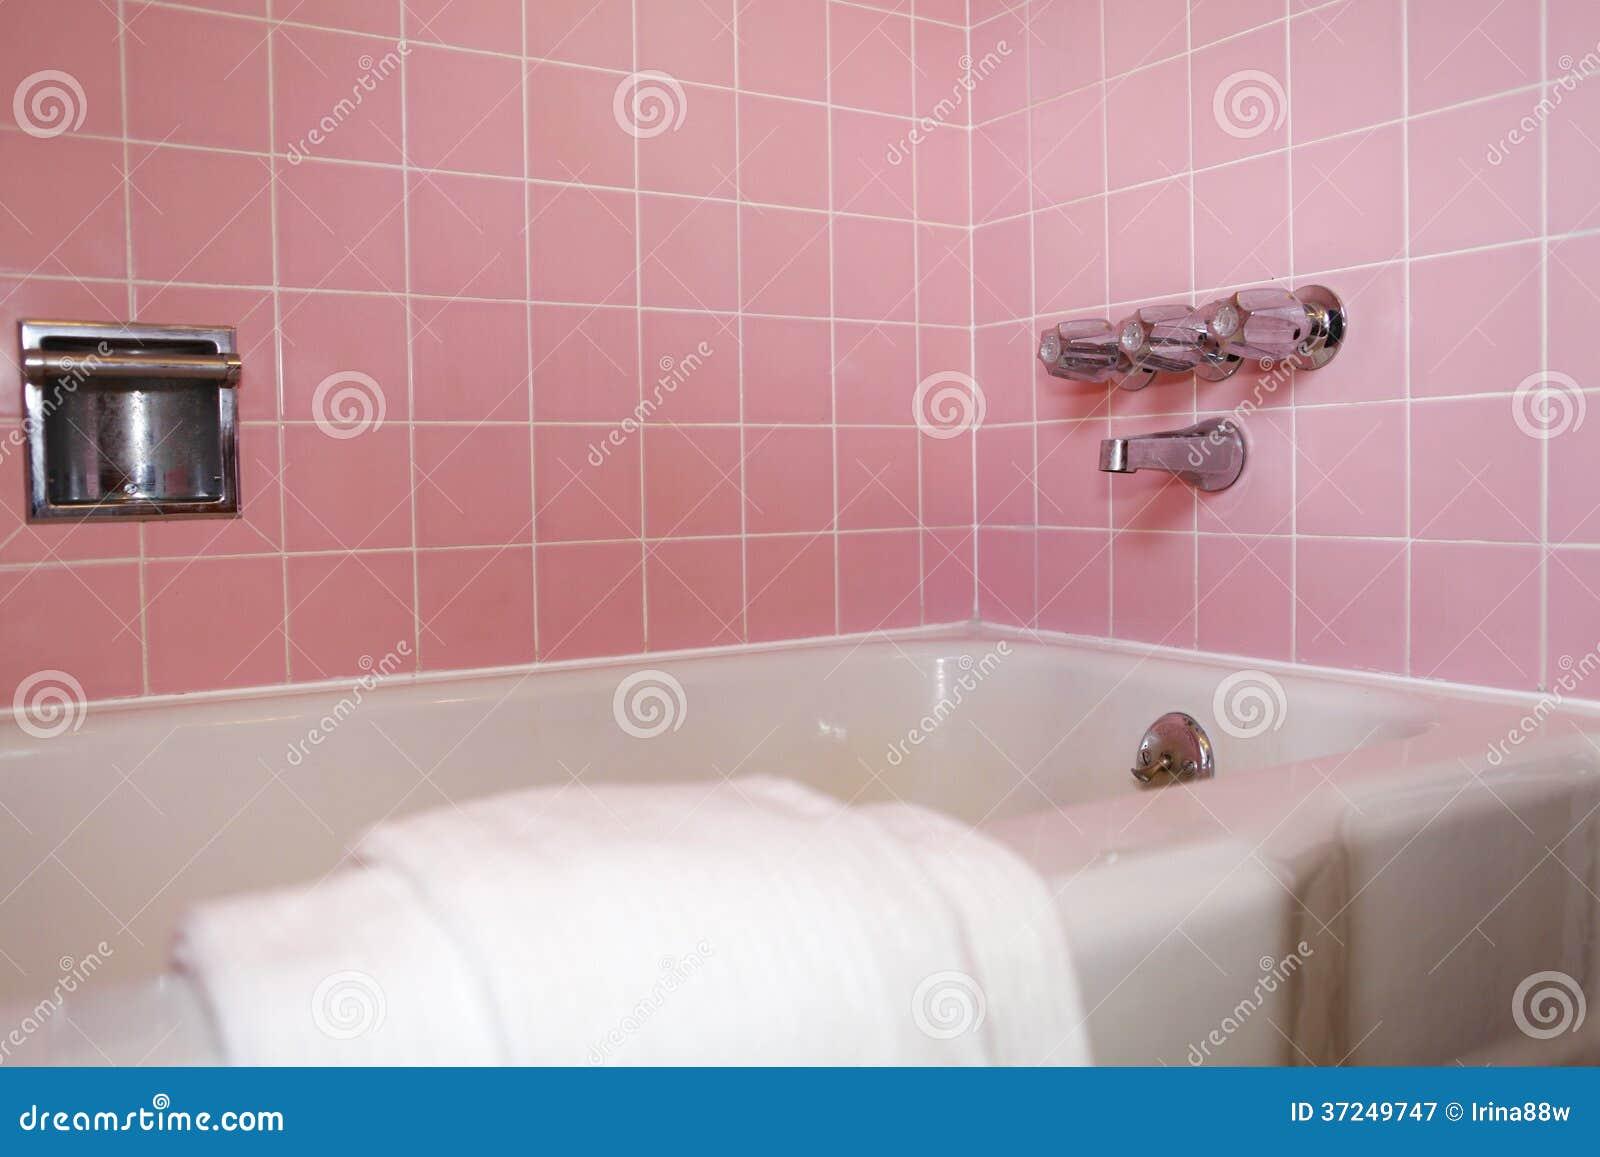 Vasca Da Bagno Rosa : Vasca del bagno con la parete rosa delle mattonelle immagine stock